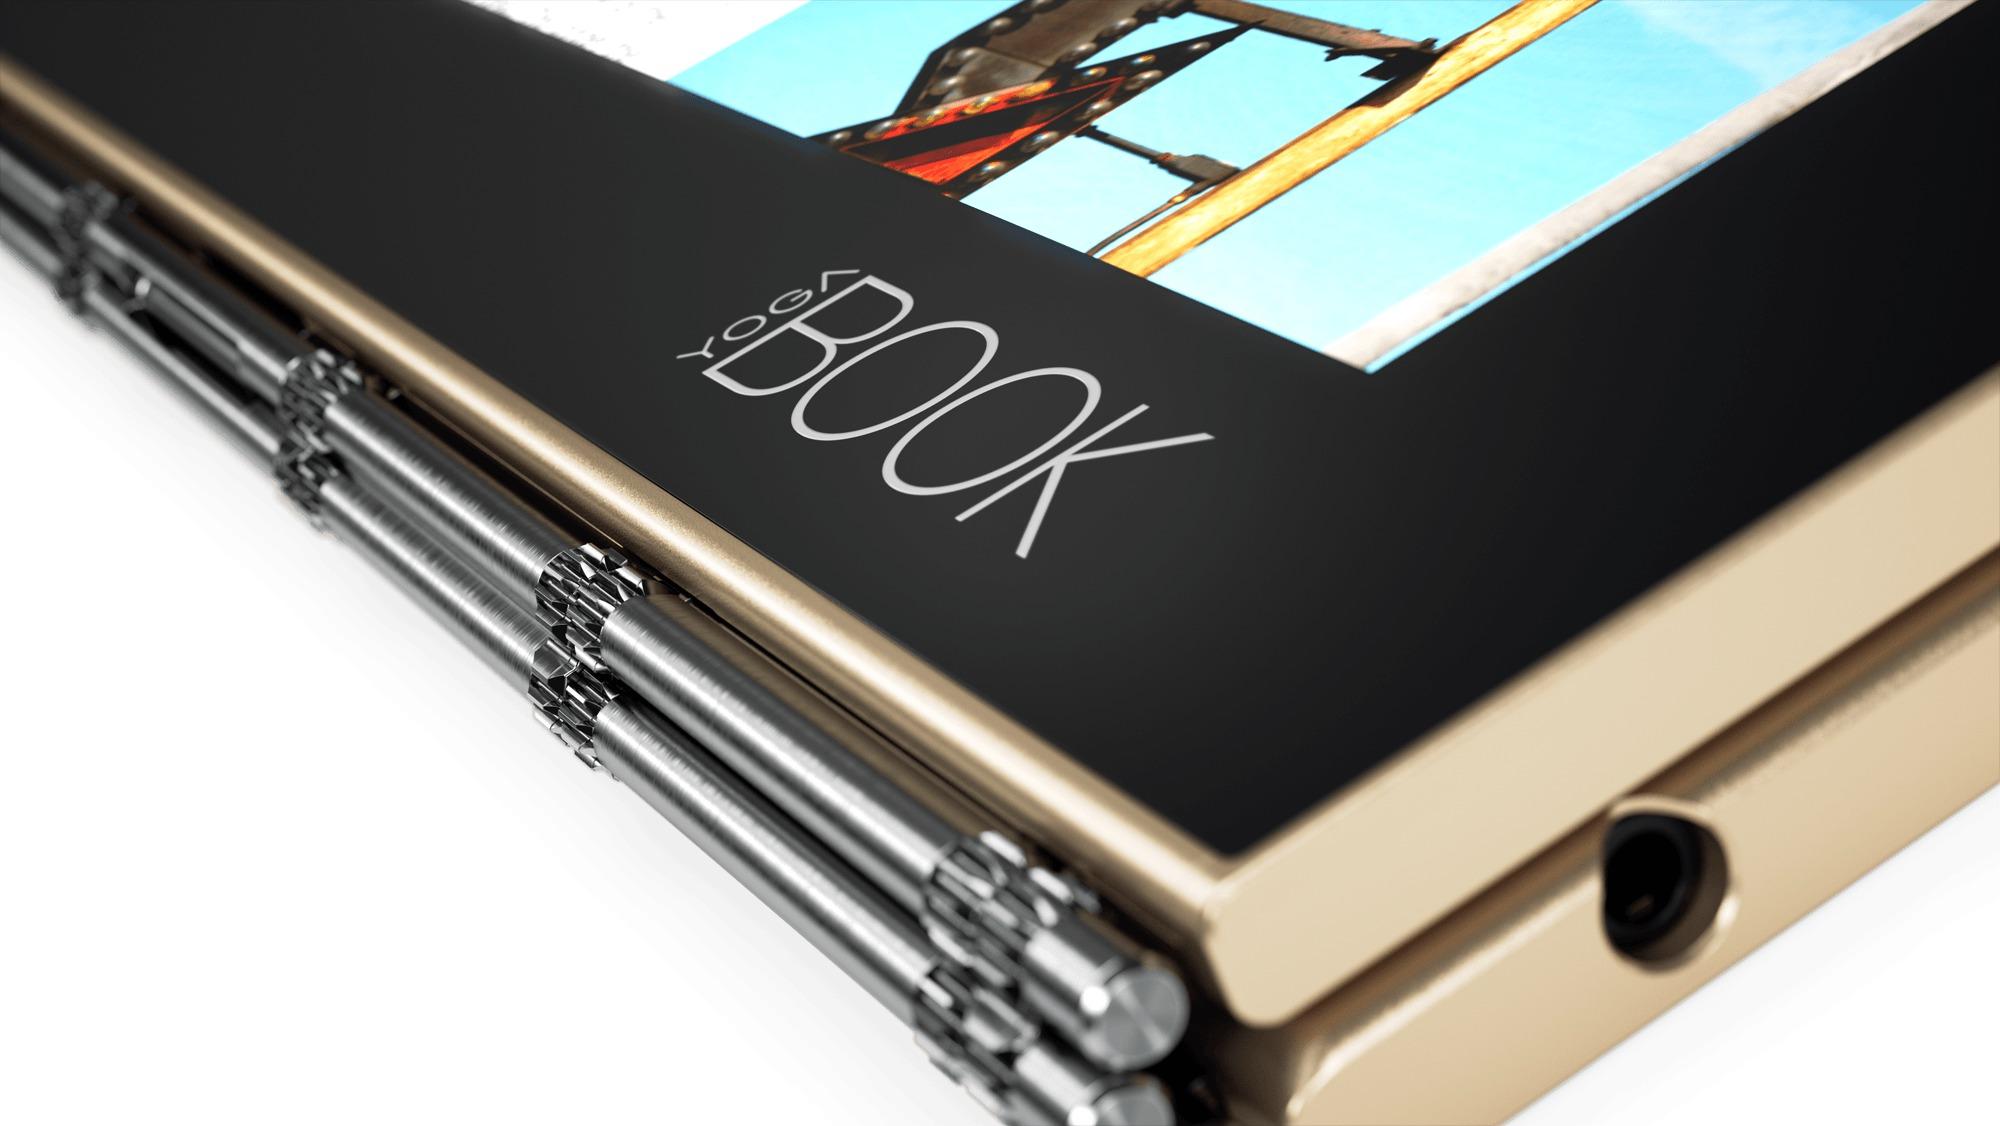 Le Lenovo Yoga Book pourrait avoir droit à une version Chrome OS